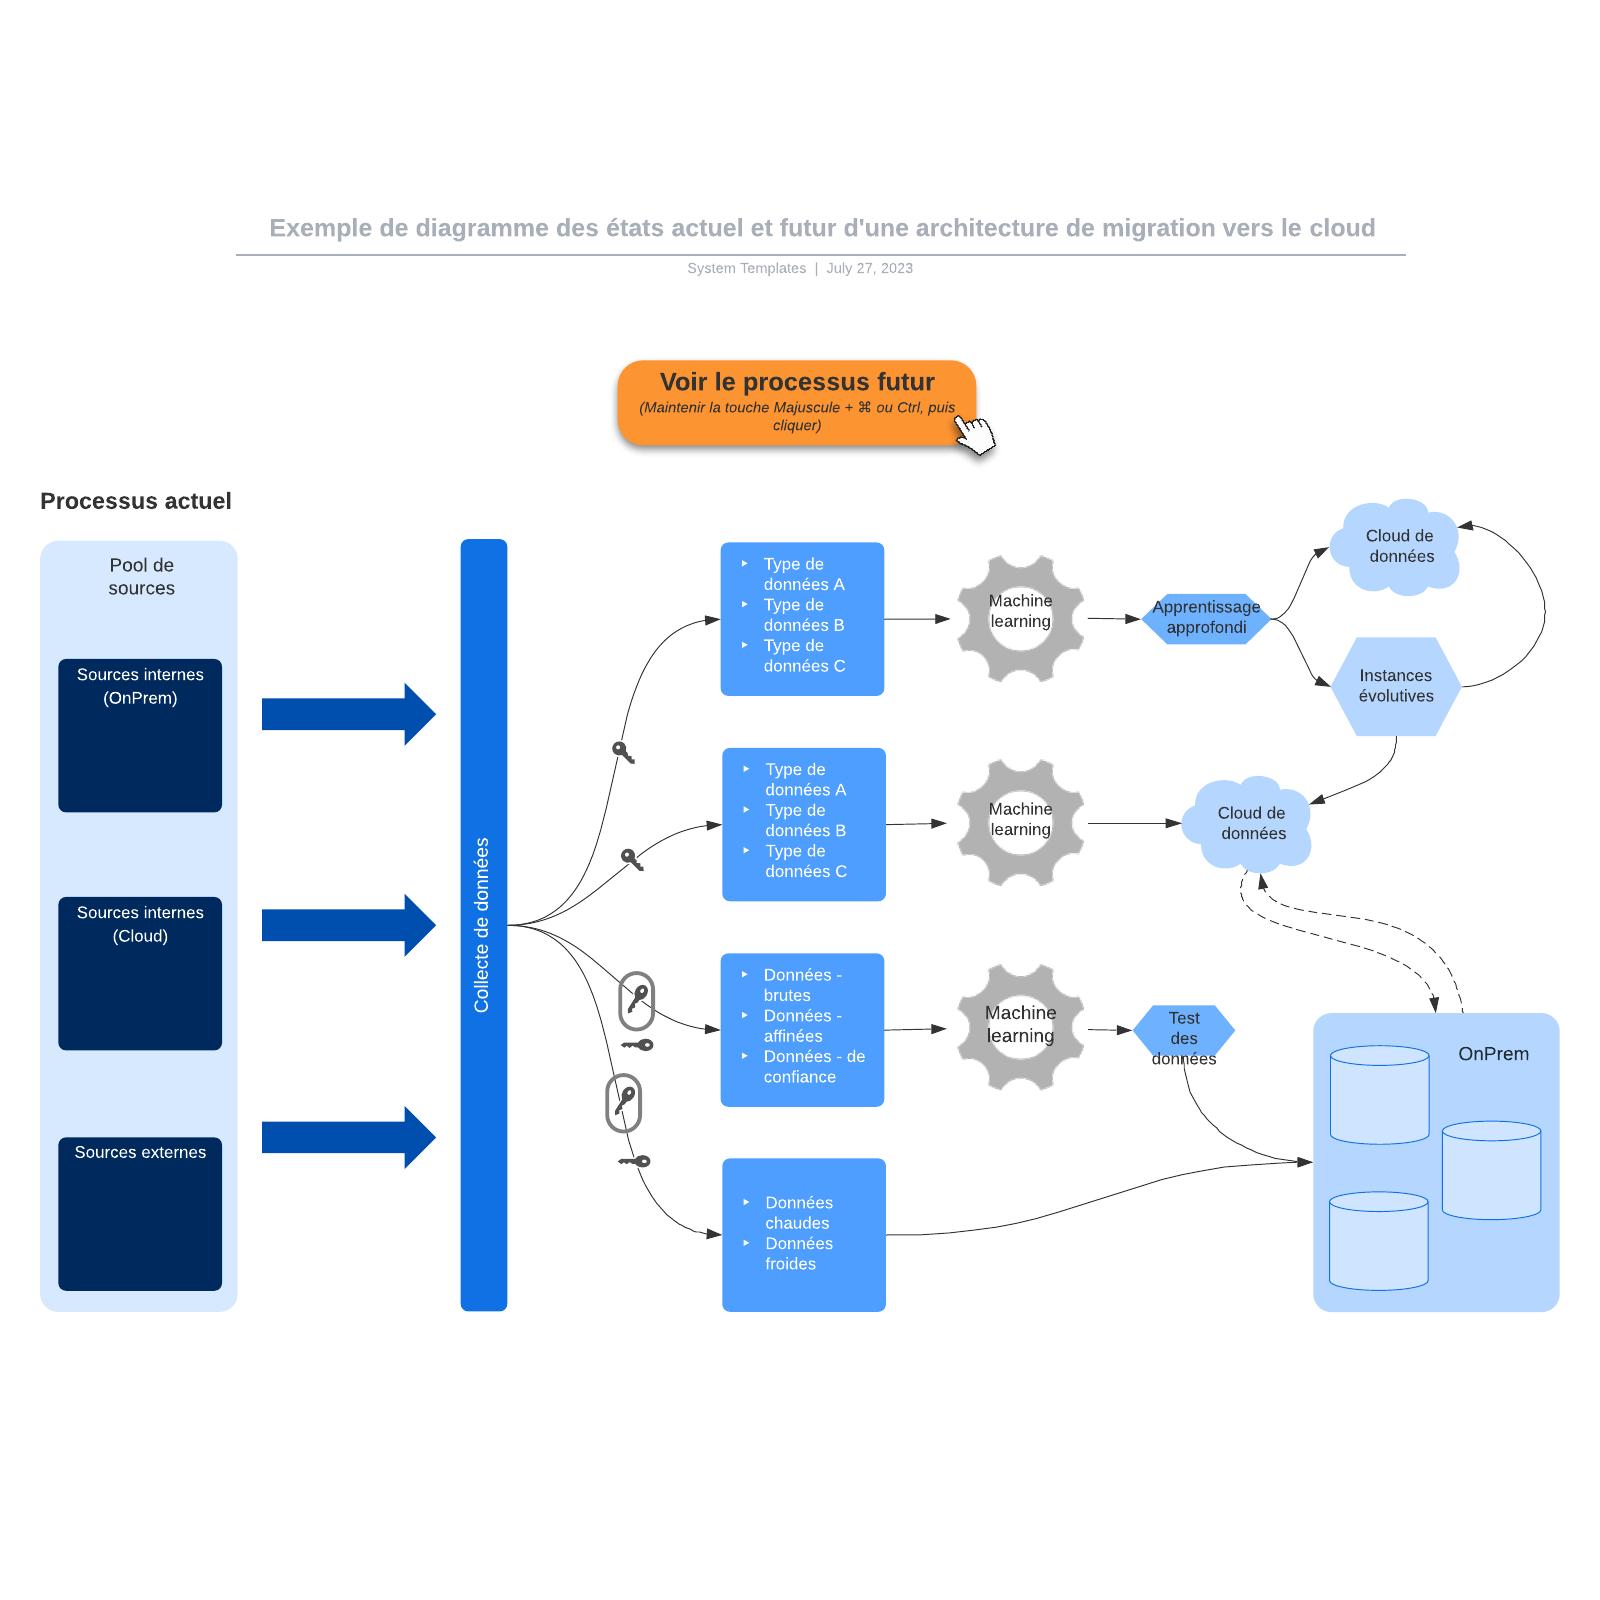 exemple de diagramme des états actuel et futur d'une architecture de migration vers le cloud